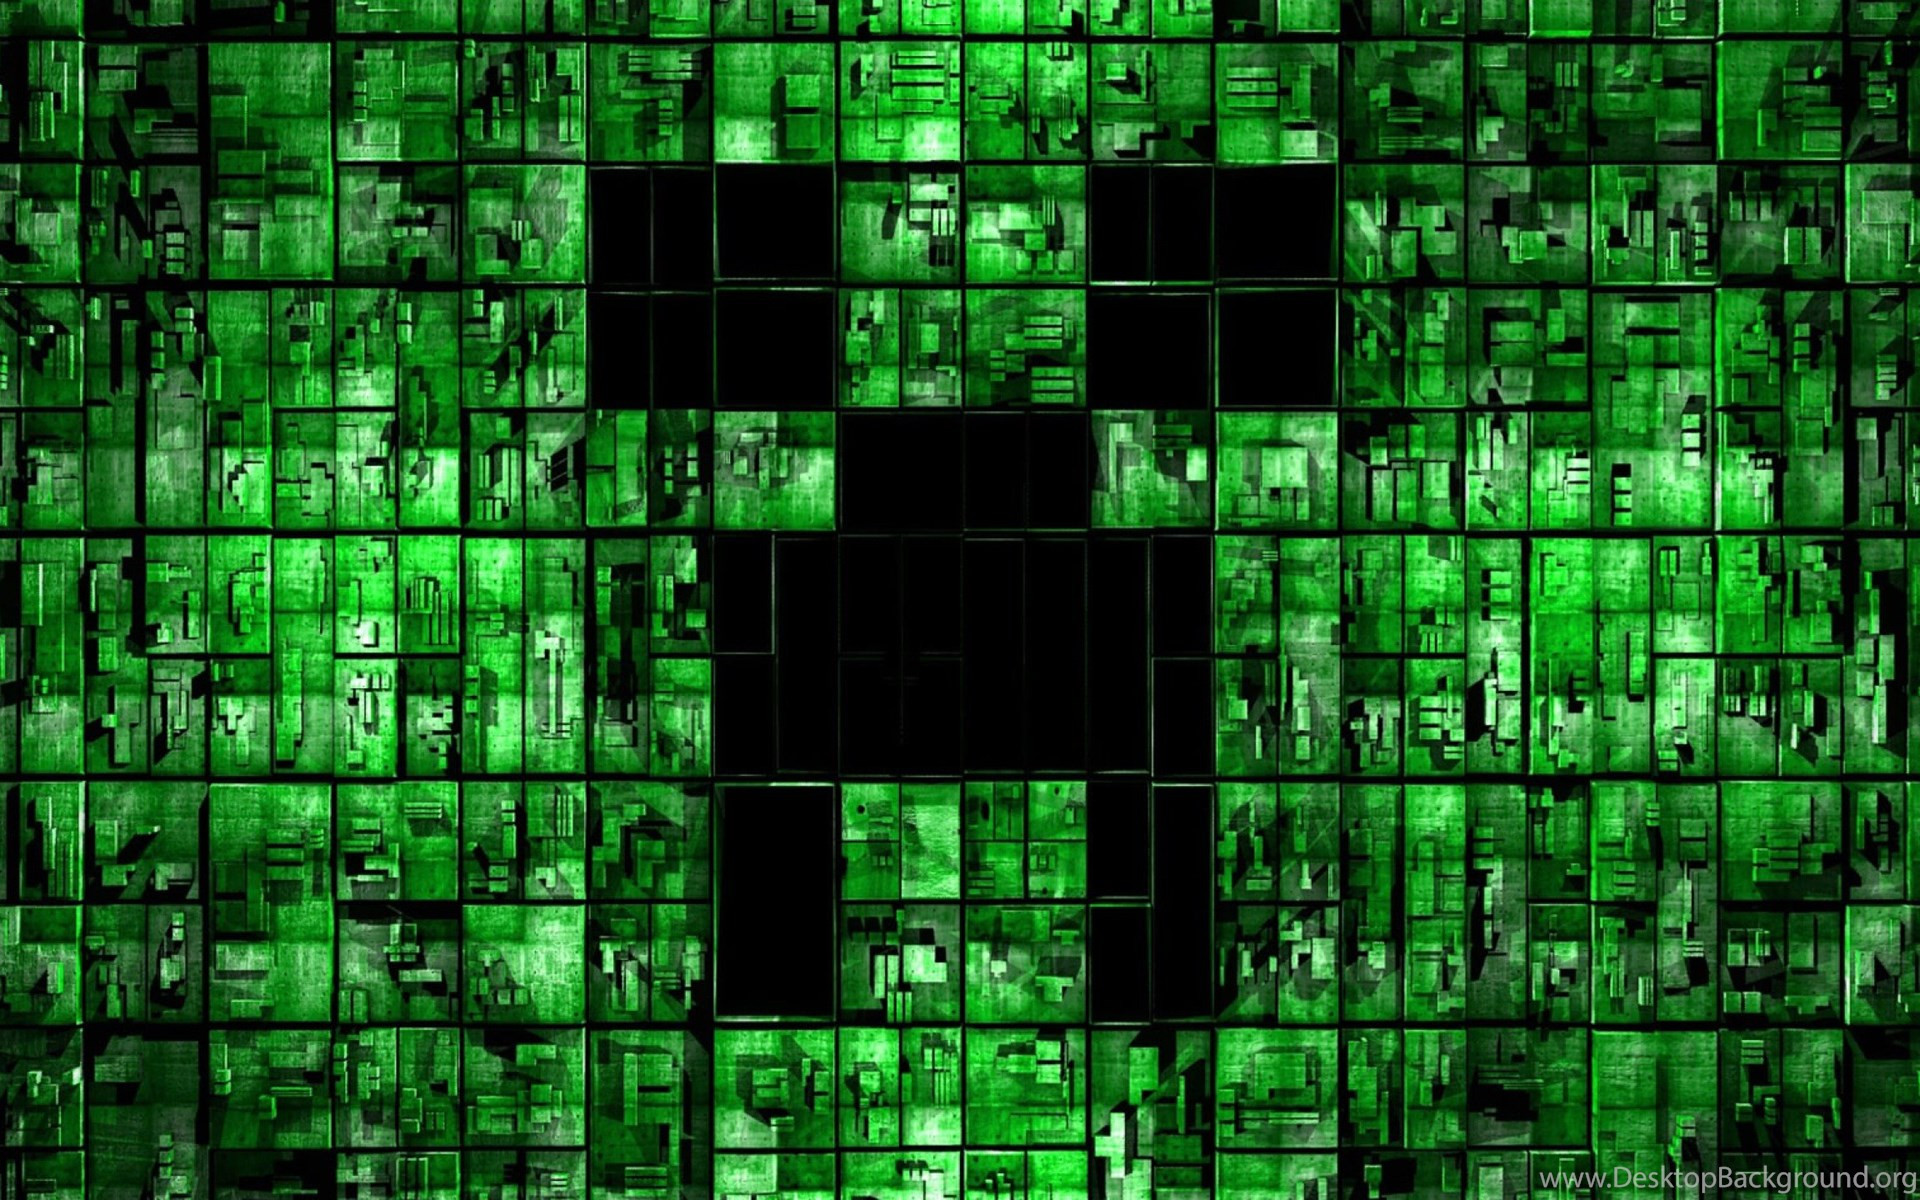 7336 2560x1440 Wallpapers HD Desktop Background